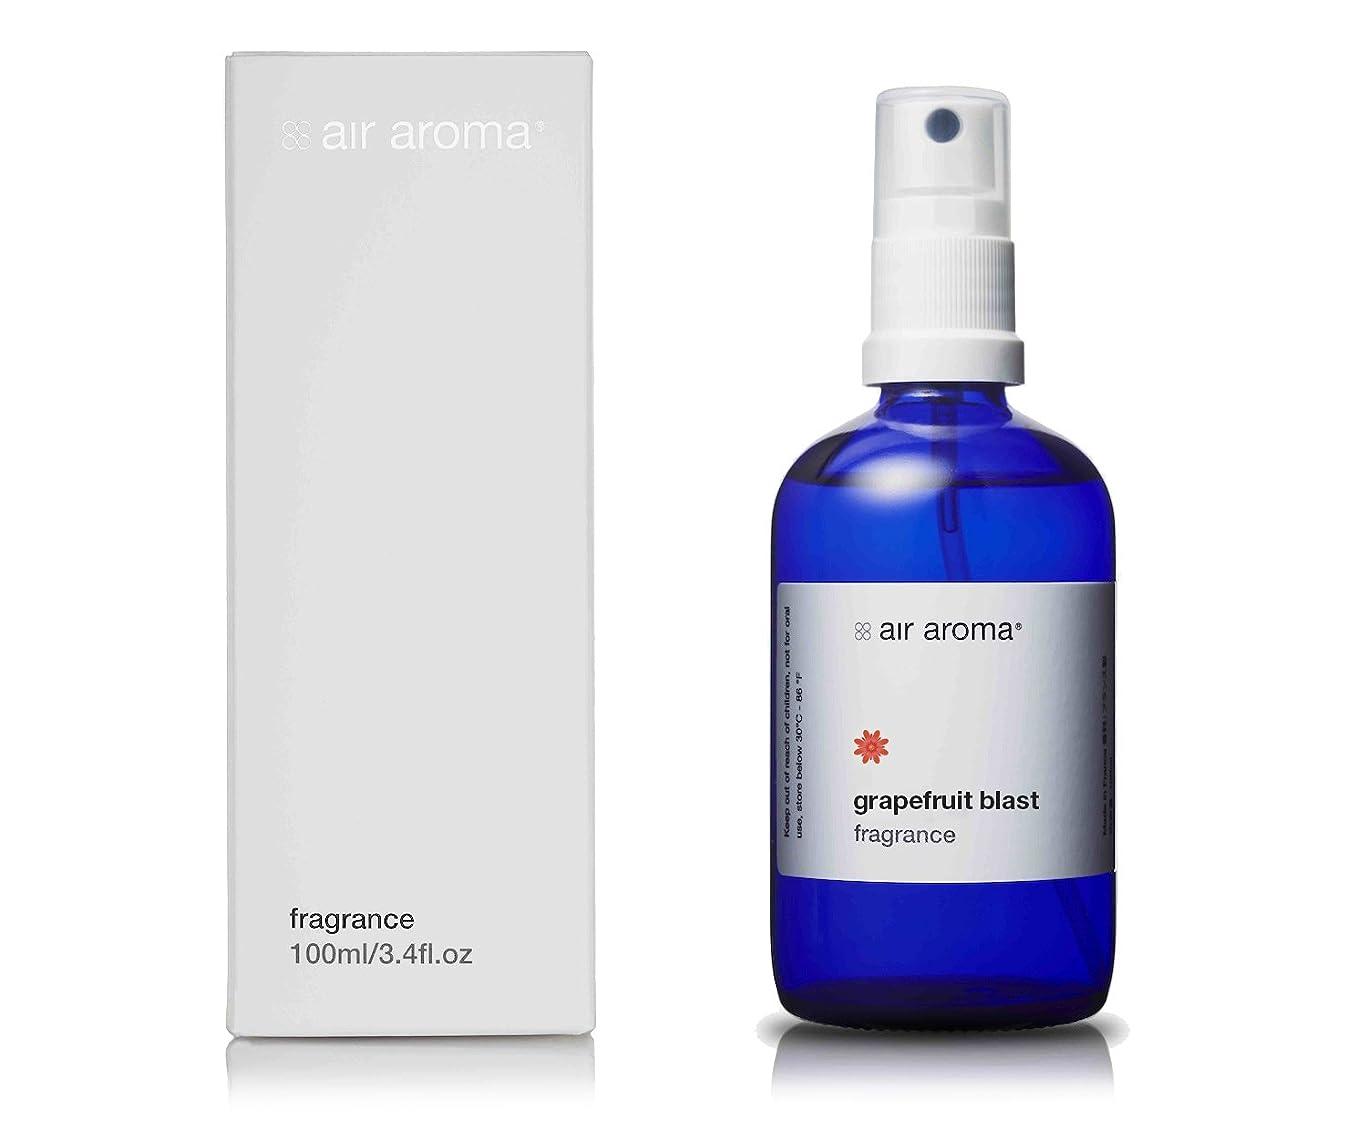 浸す爆発ストローエアアロマ grapefruit blast room fragrance(グレープフルーツブラストルームフレグランス)100ml